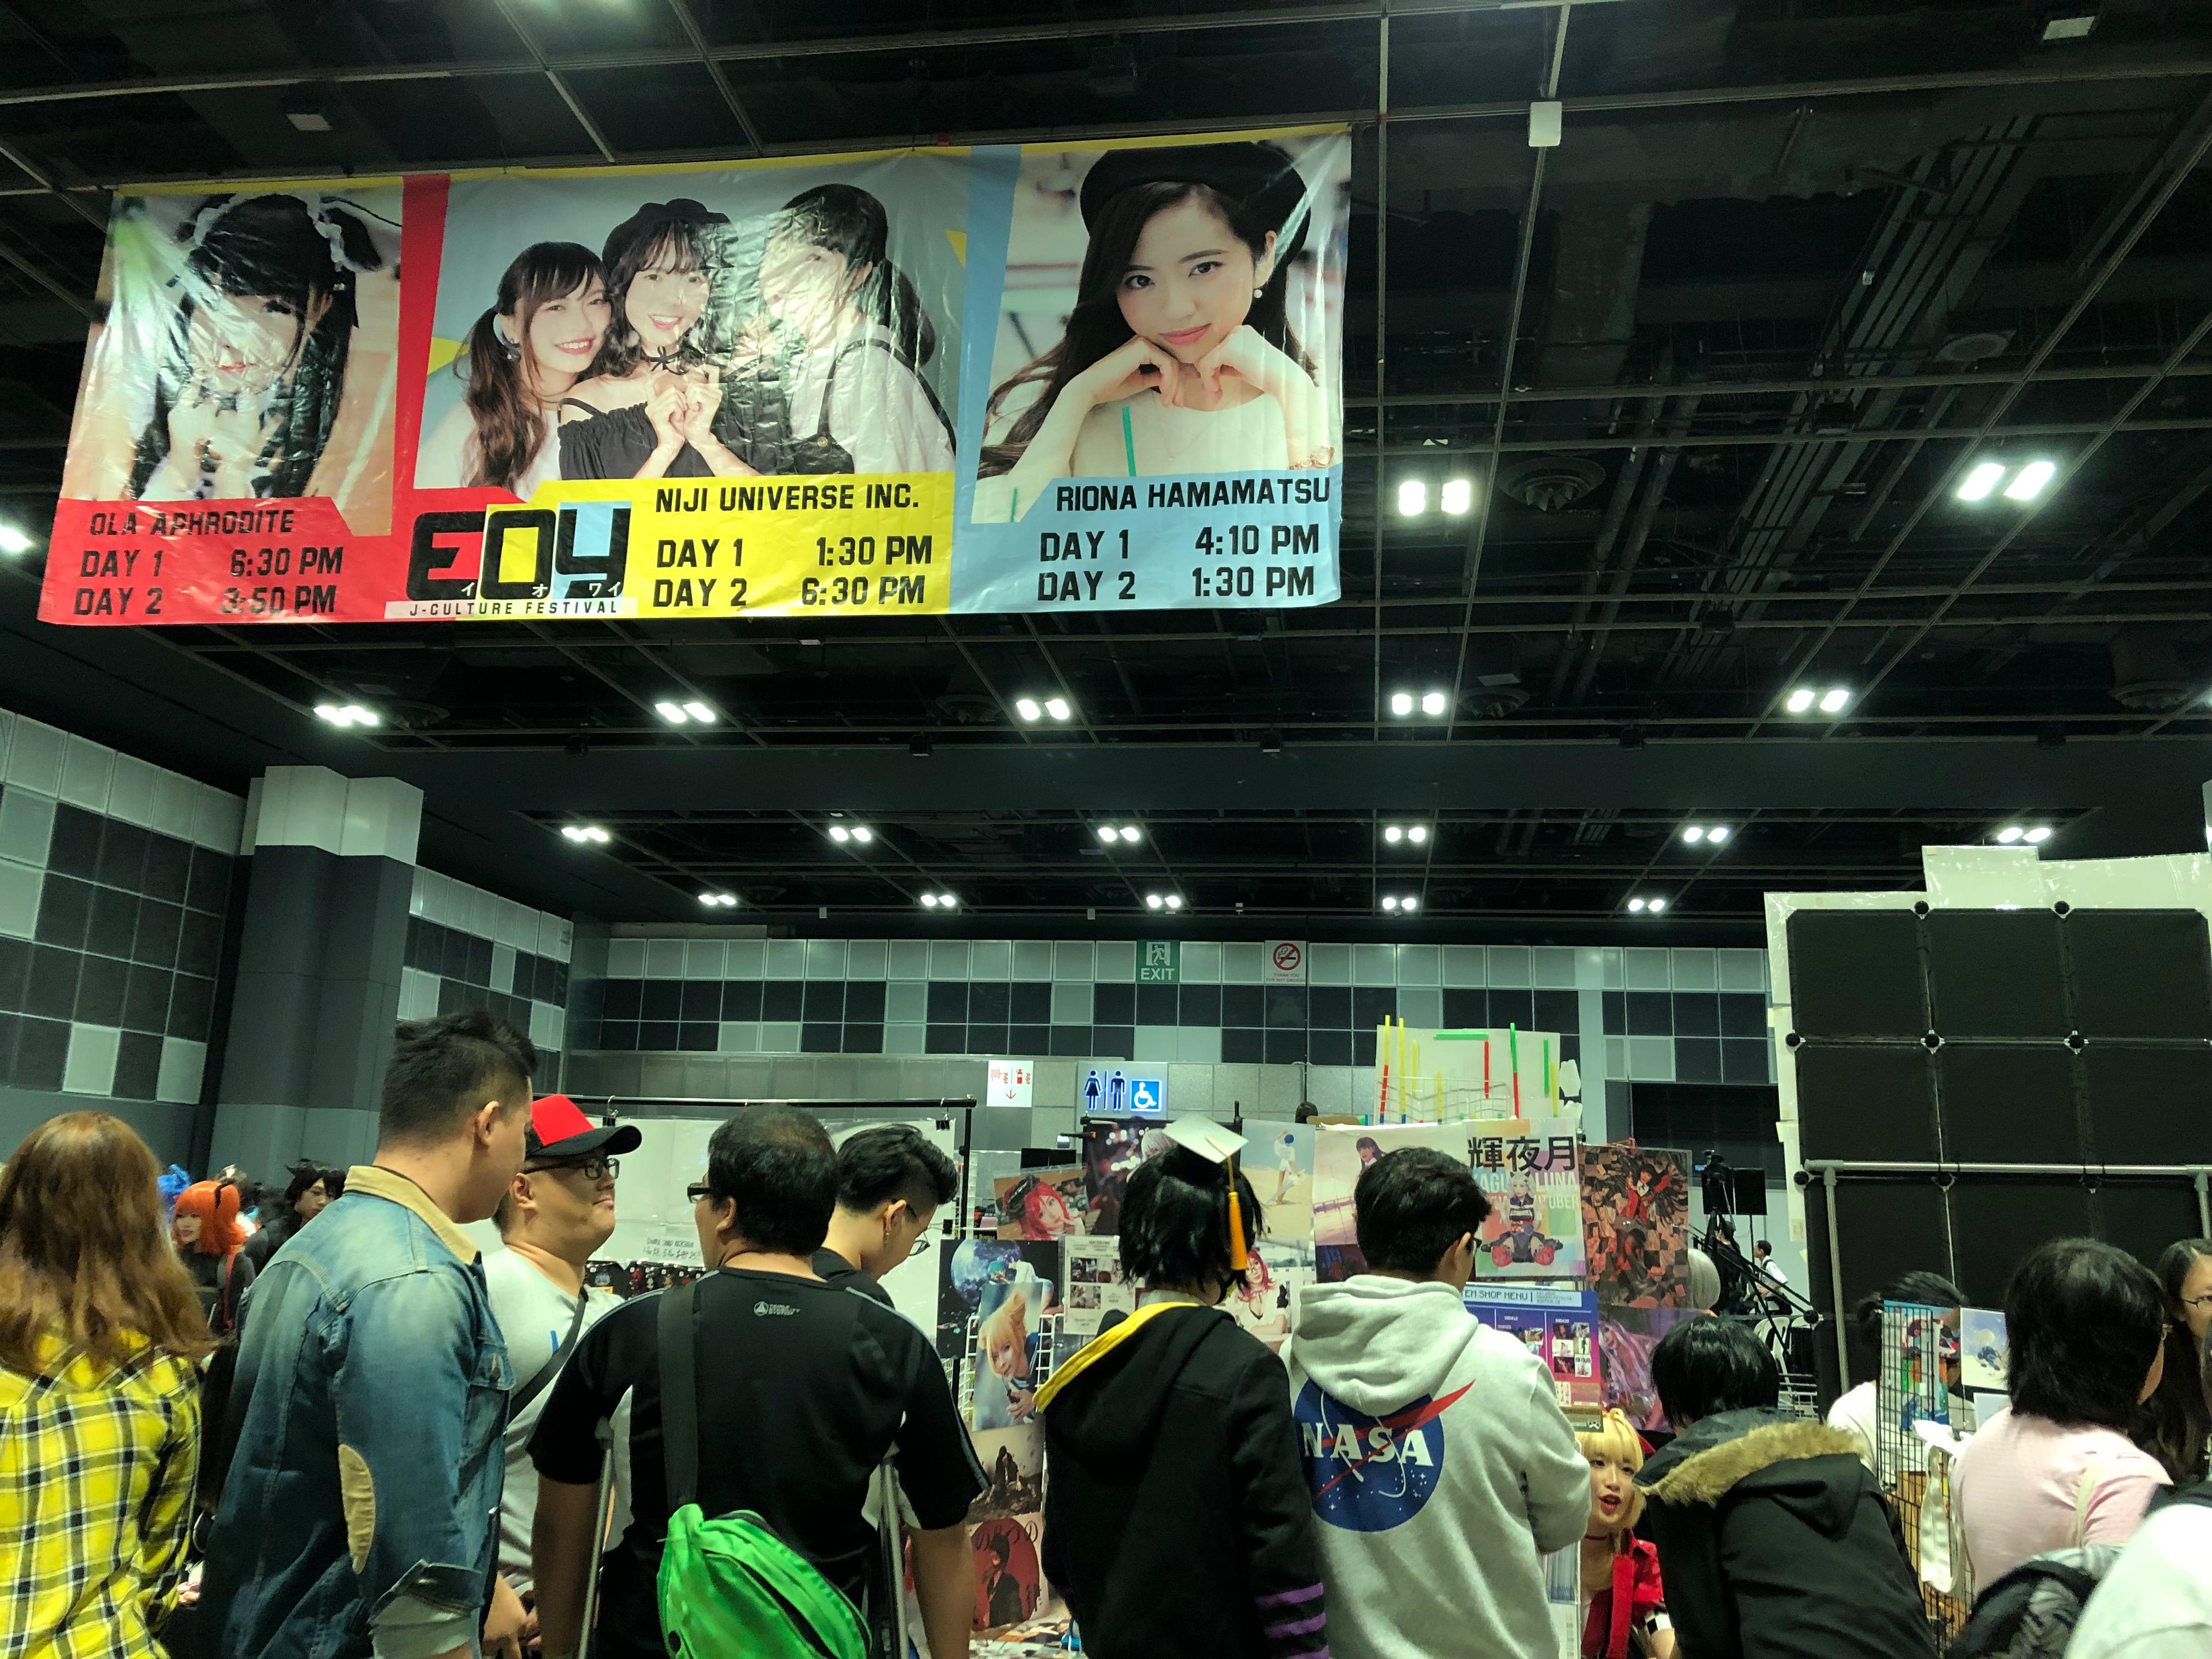 シンガポールの「EOY j-culture festival」の会場には大きく濵松里緒菜のポップも